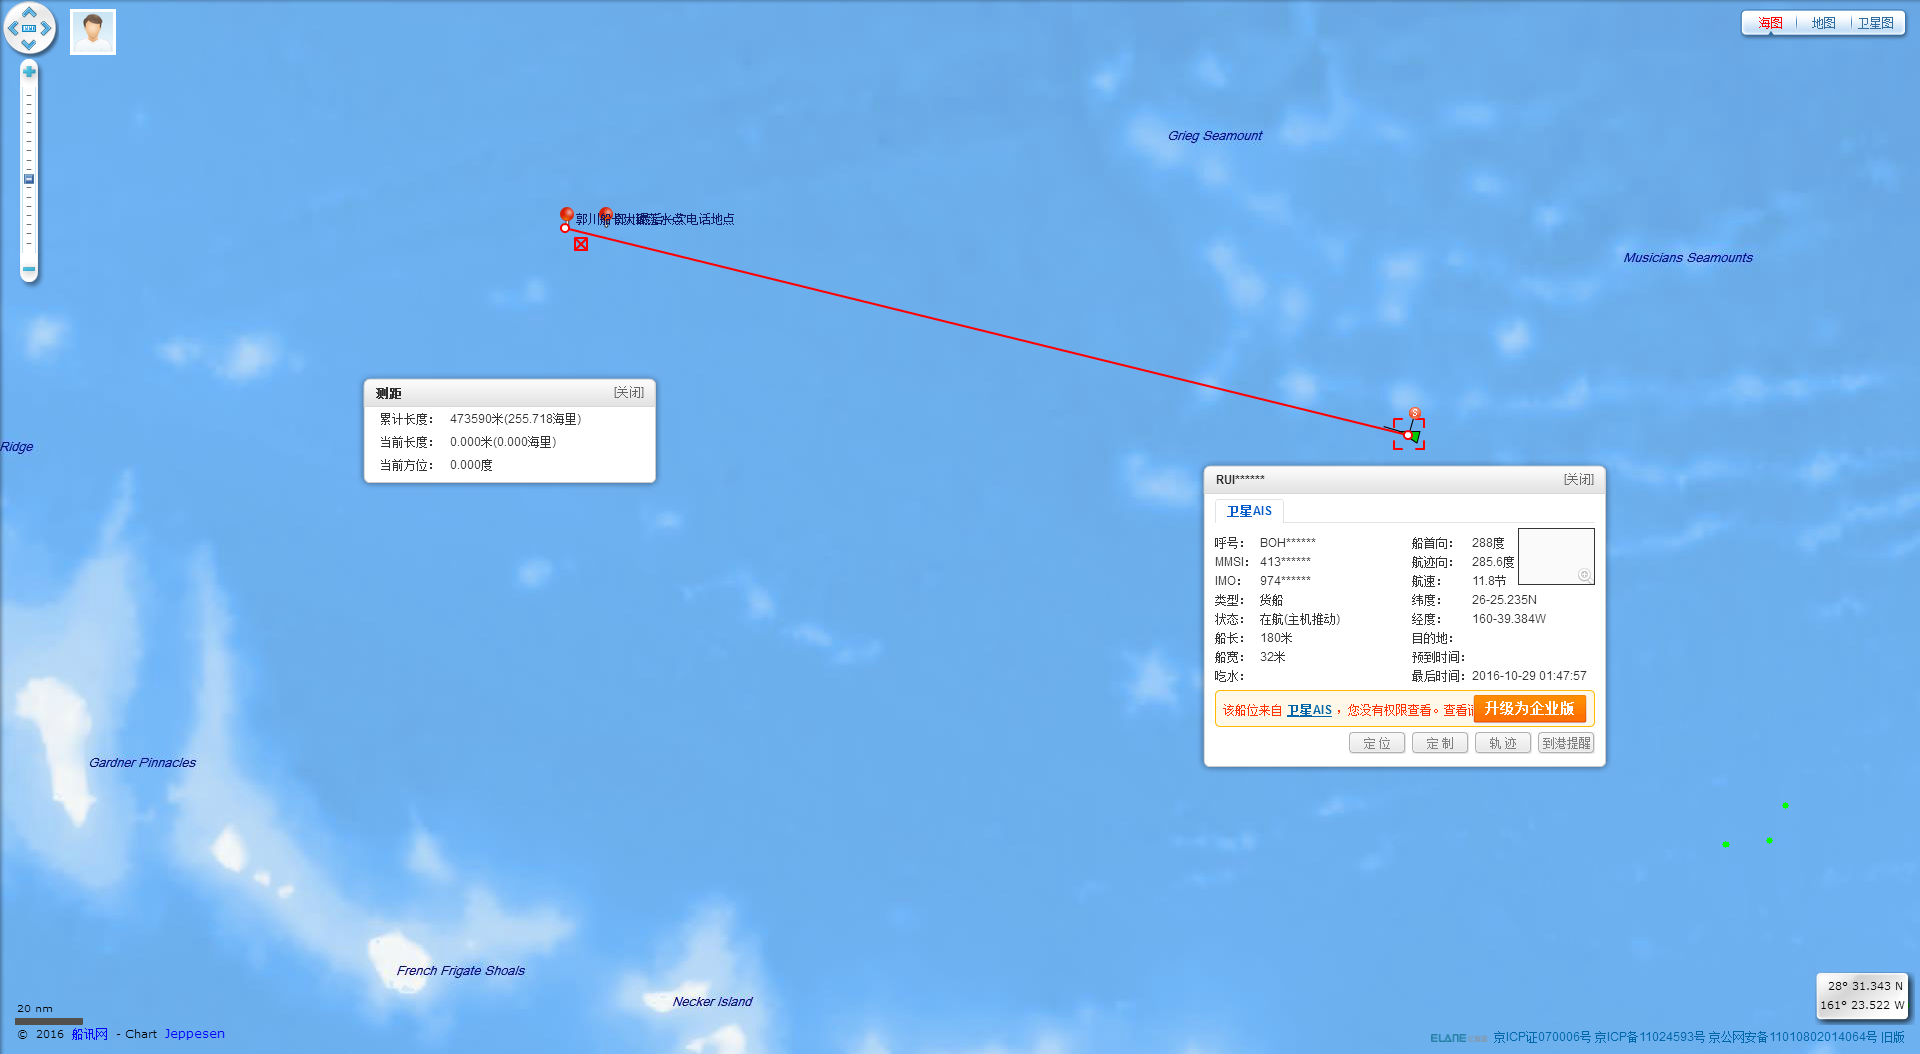 青岛号,郭川,横跨太平洋,超级大三体,海上搜救 搜救郭川船长的一个大好机会 wxid_7kshp03fr34e41_1477682269237_14.png